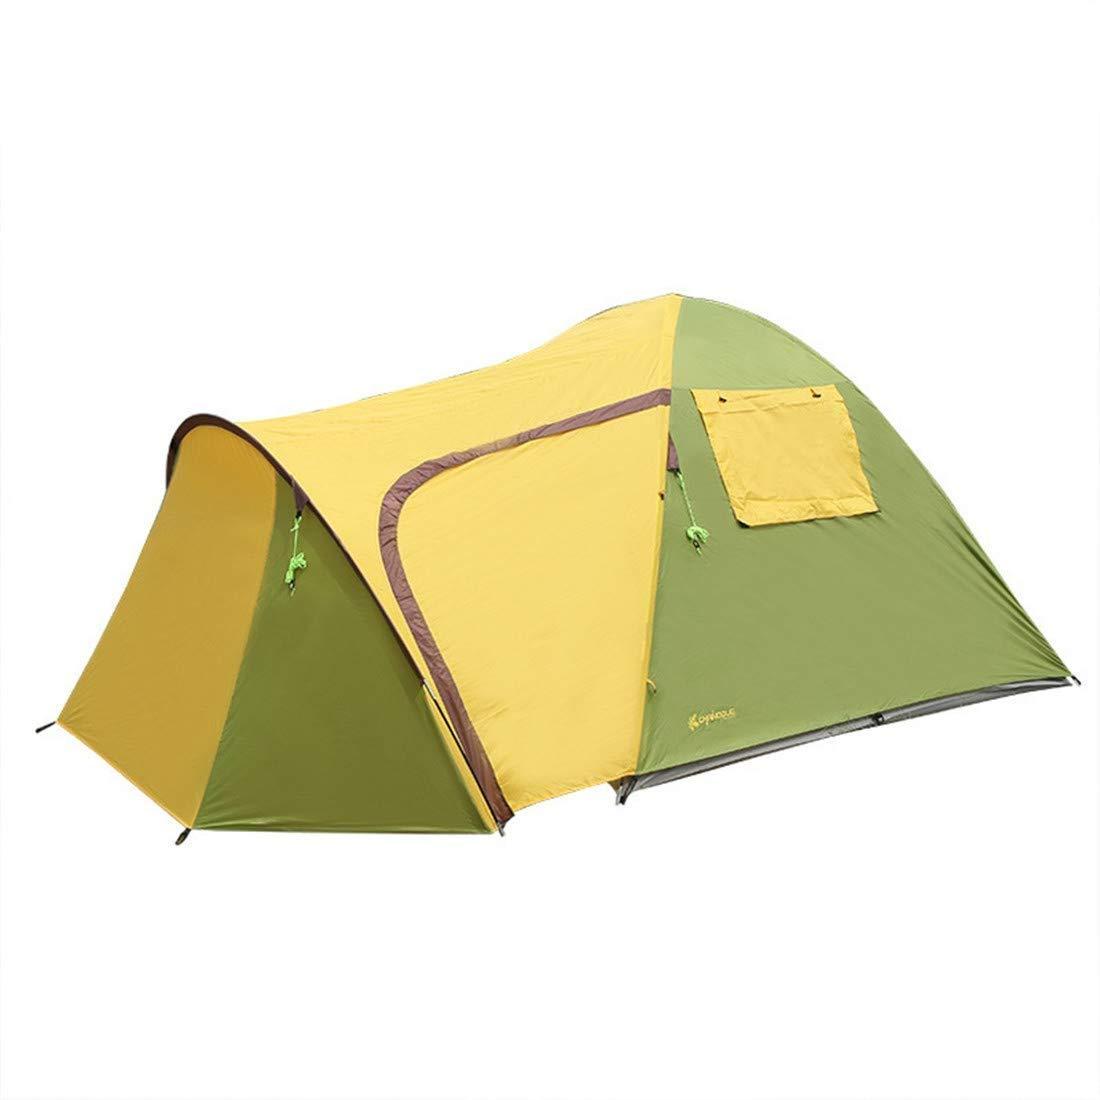 屋外キャンプテント3-4人二重層超軽量ポータブル折りたたみ日焼け止め防水家族の友達旅行ビーチピクニックパーク芝生   B07QYFS32Z